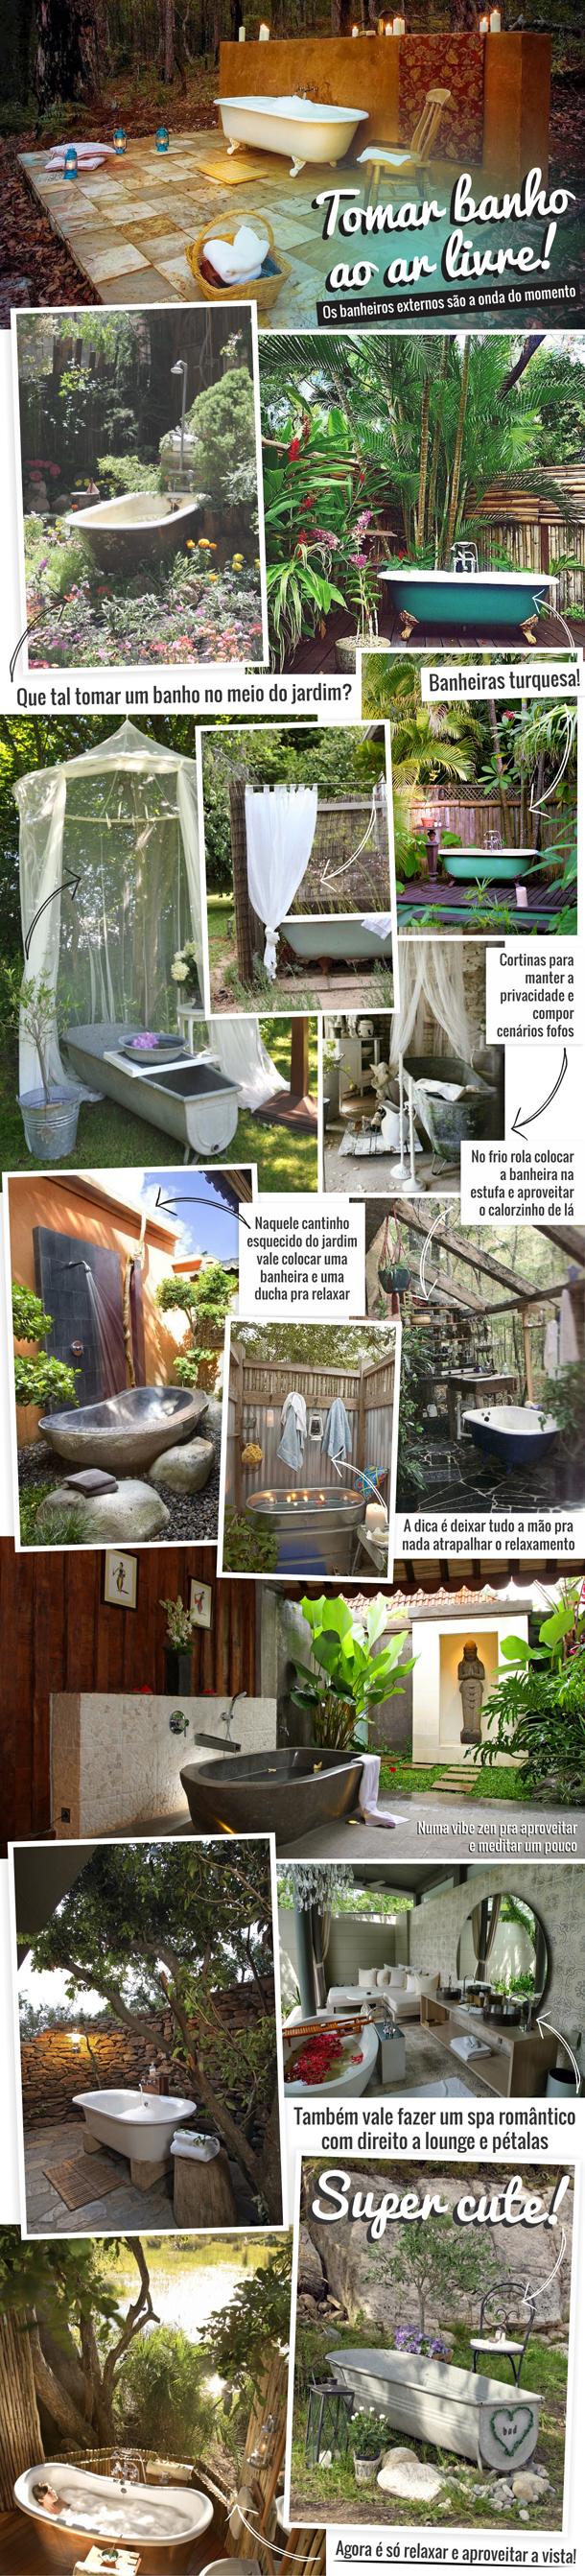 mundo-lolita-banho-ao-ar-livre